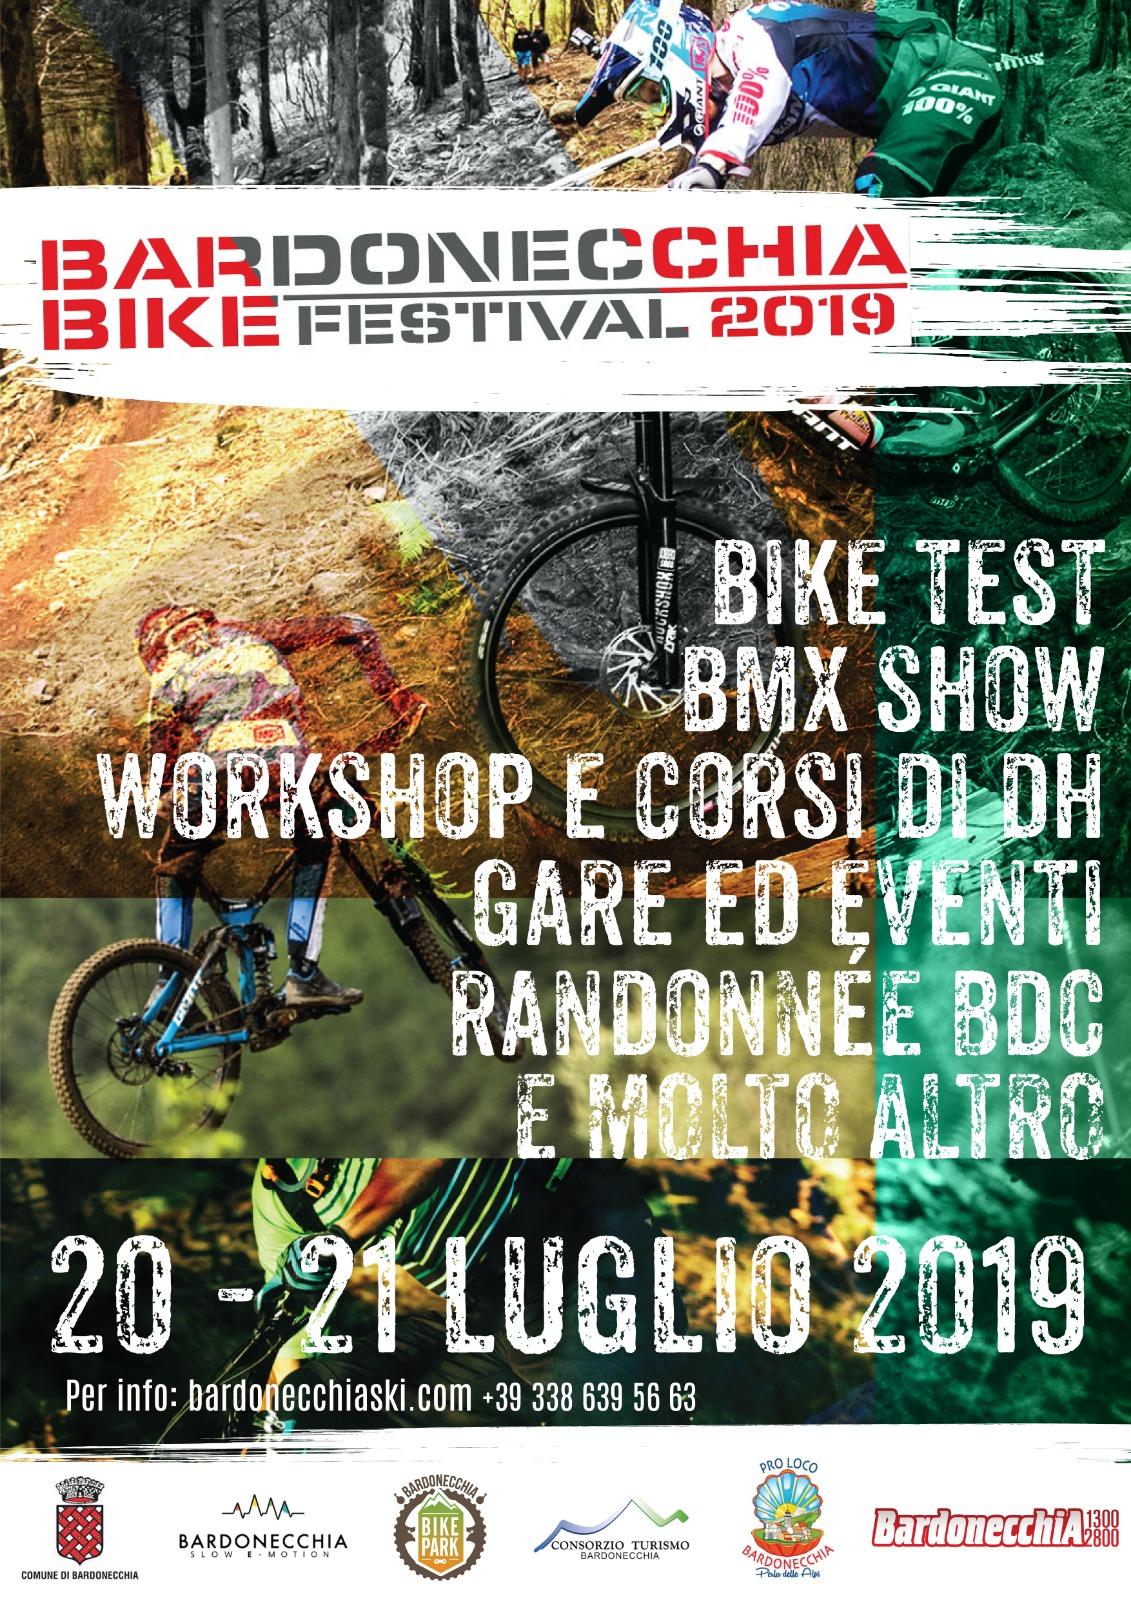 BARDONECCHIA BIKE FESTIVAL: 2 GIORNI DI FESTA CON LE 2 RUOTE